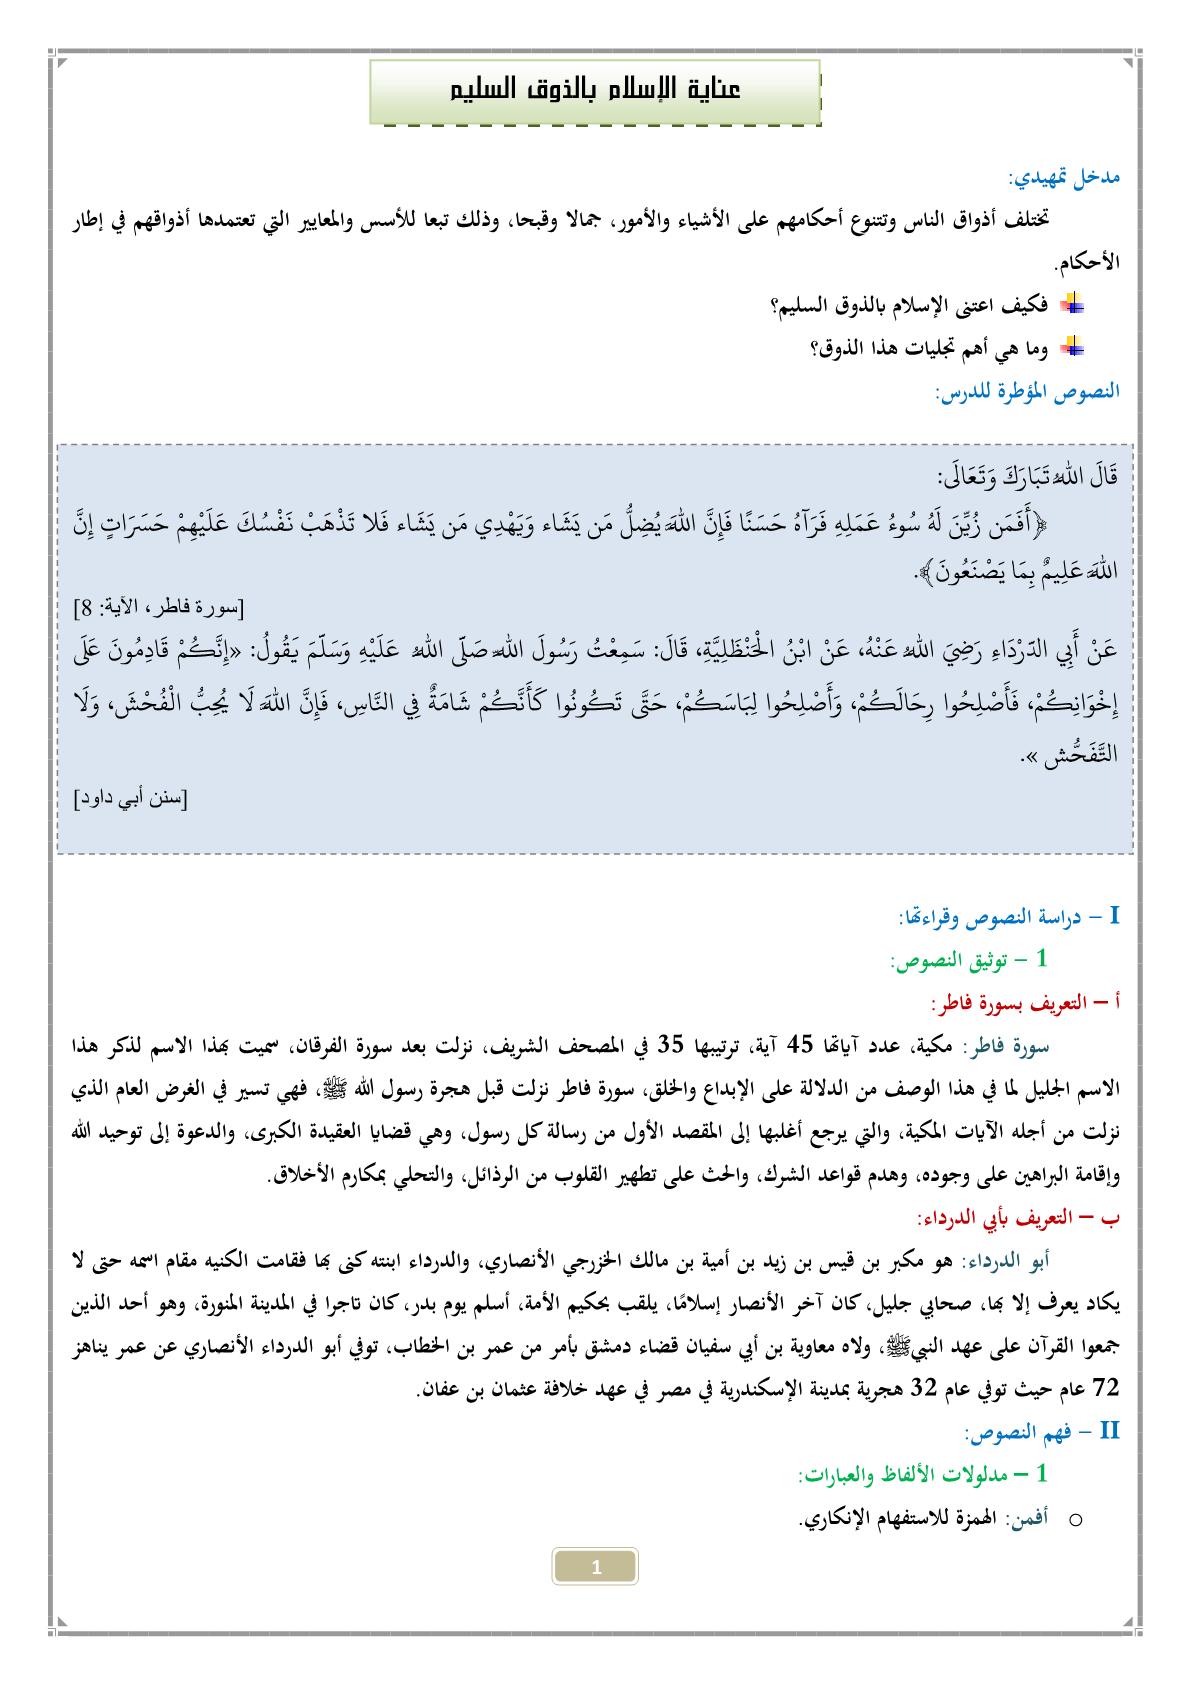 درس عناية الإسلام بالذوق السليم الثالثة إعدادي